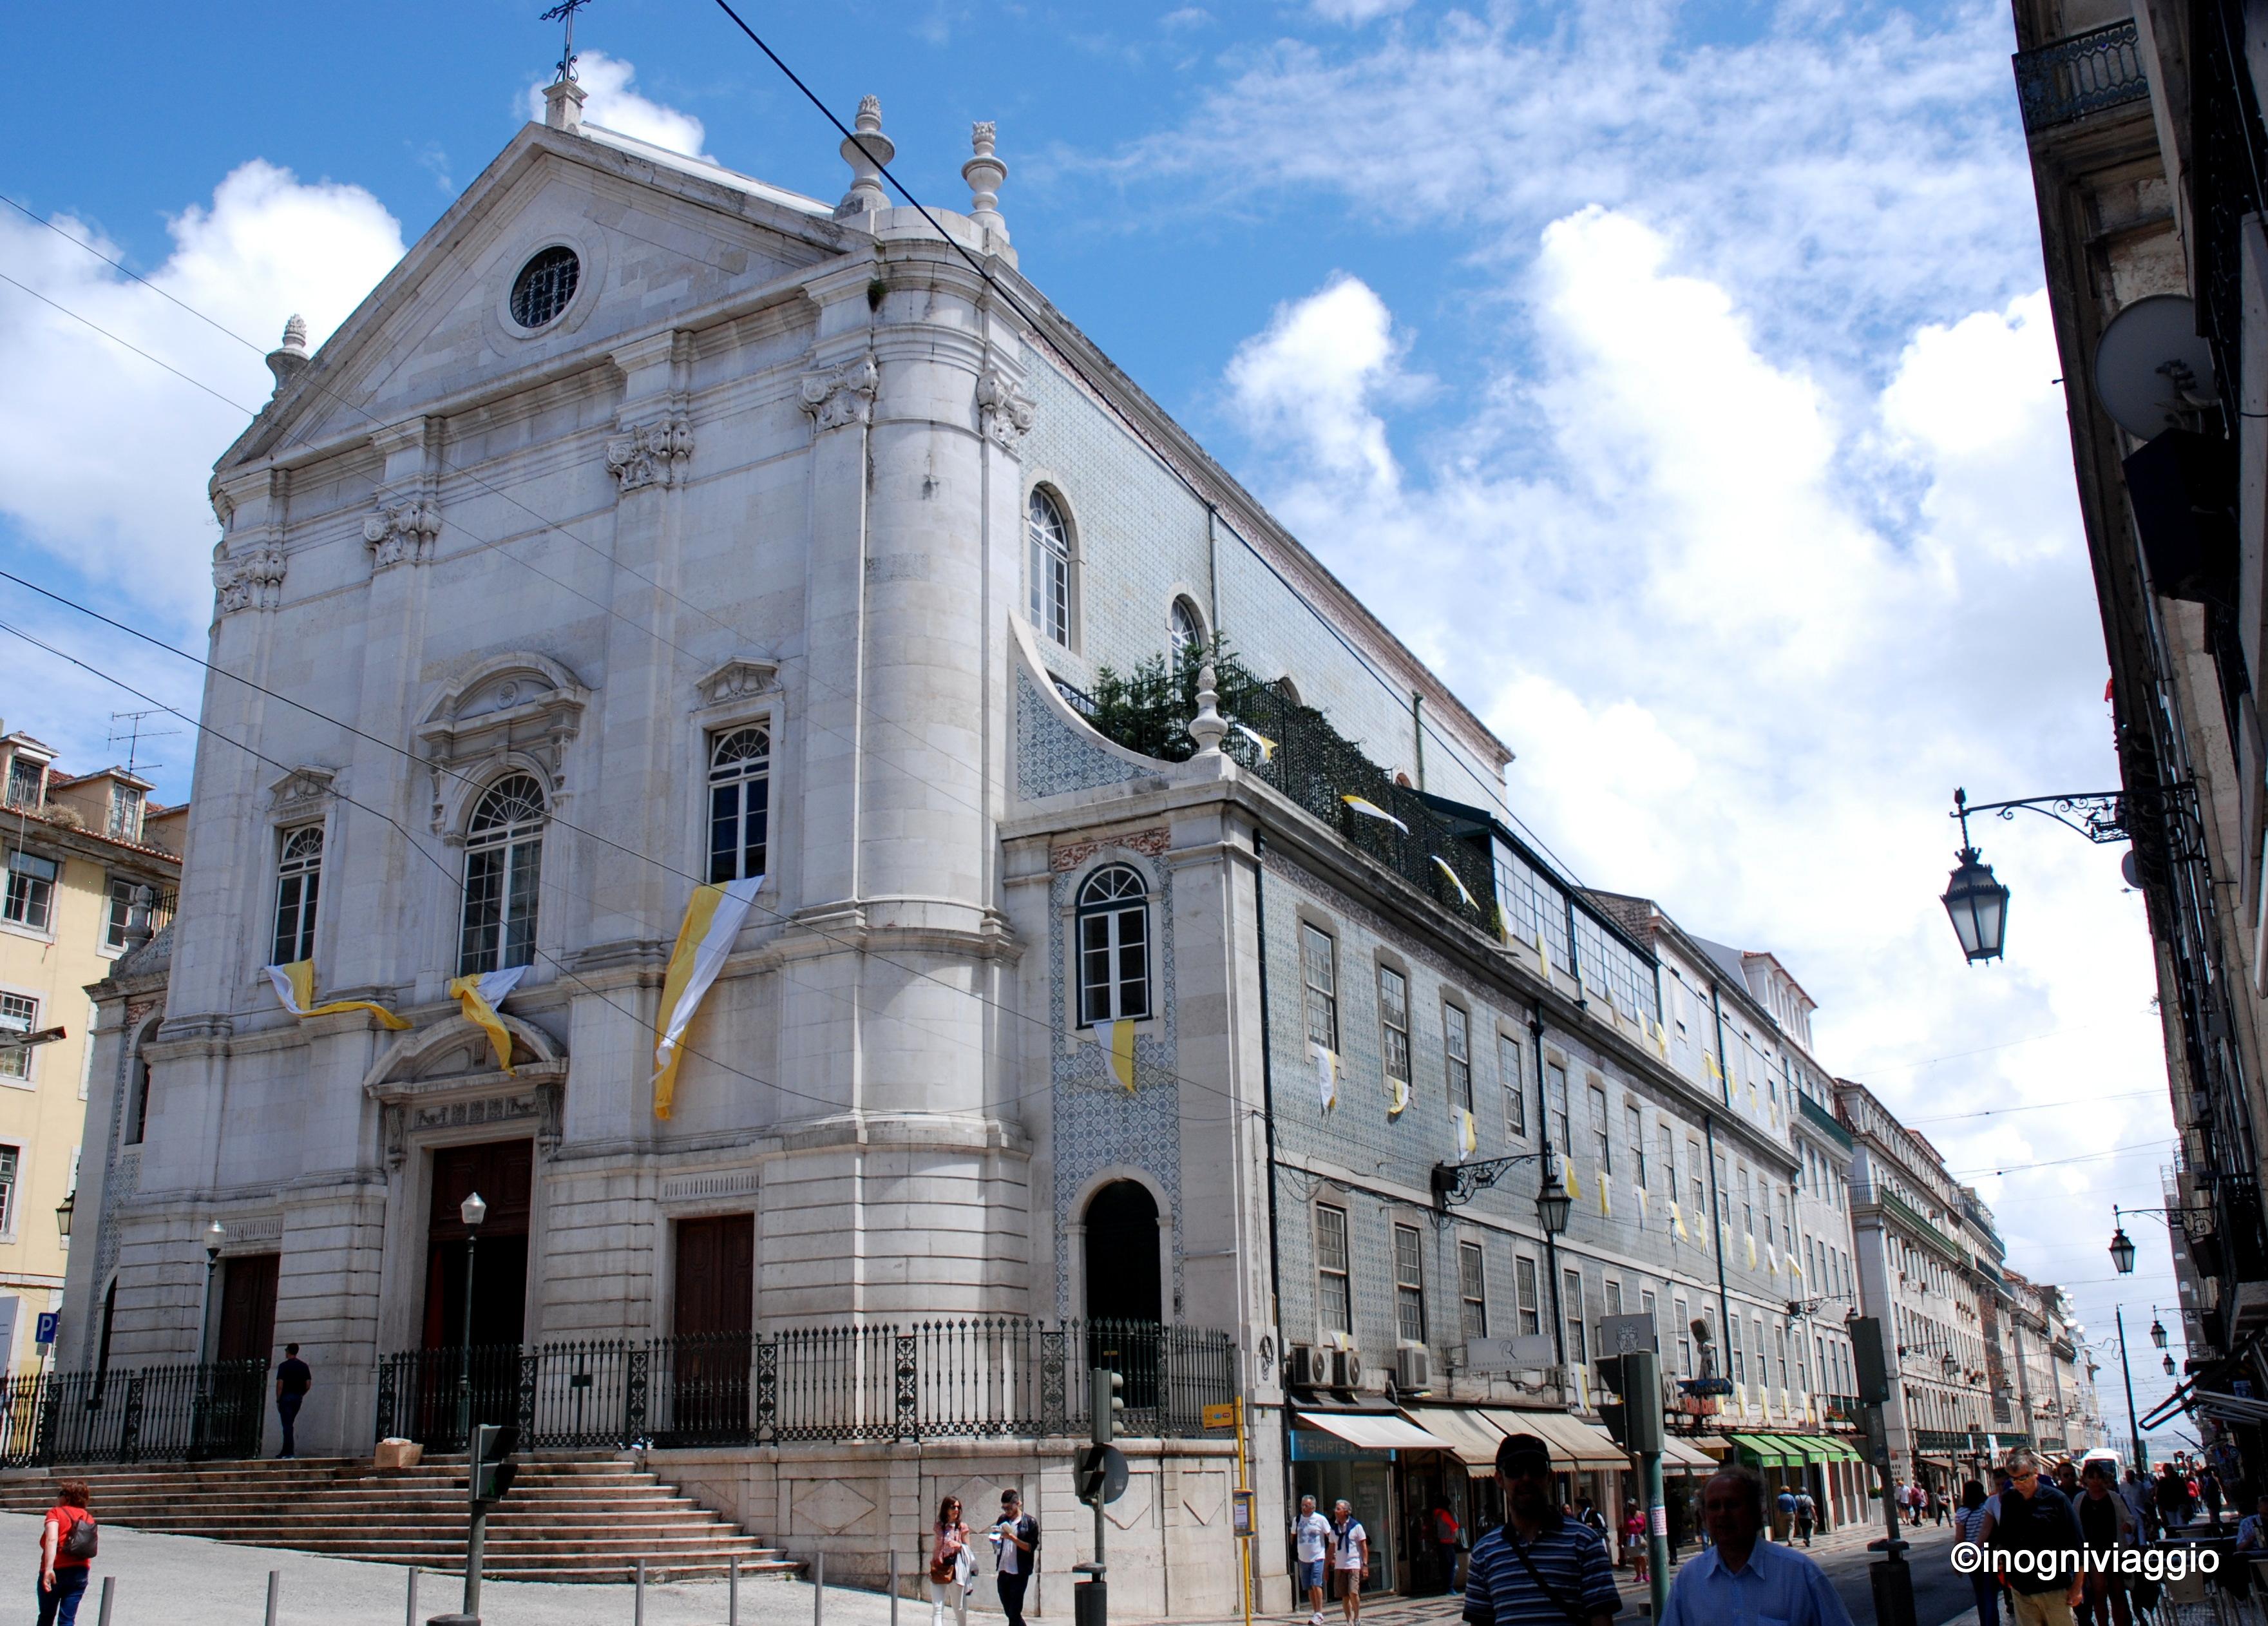 Lisbona citt magica impressioni della seconda volta  IN OGNI VIAGGIO